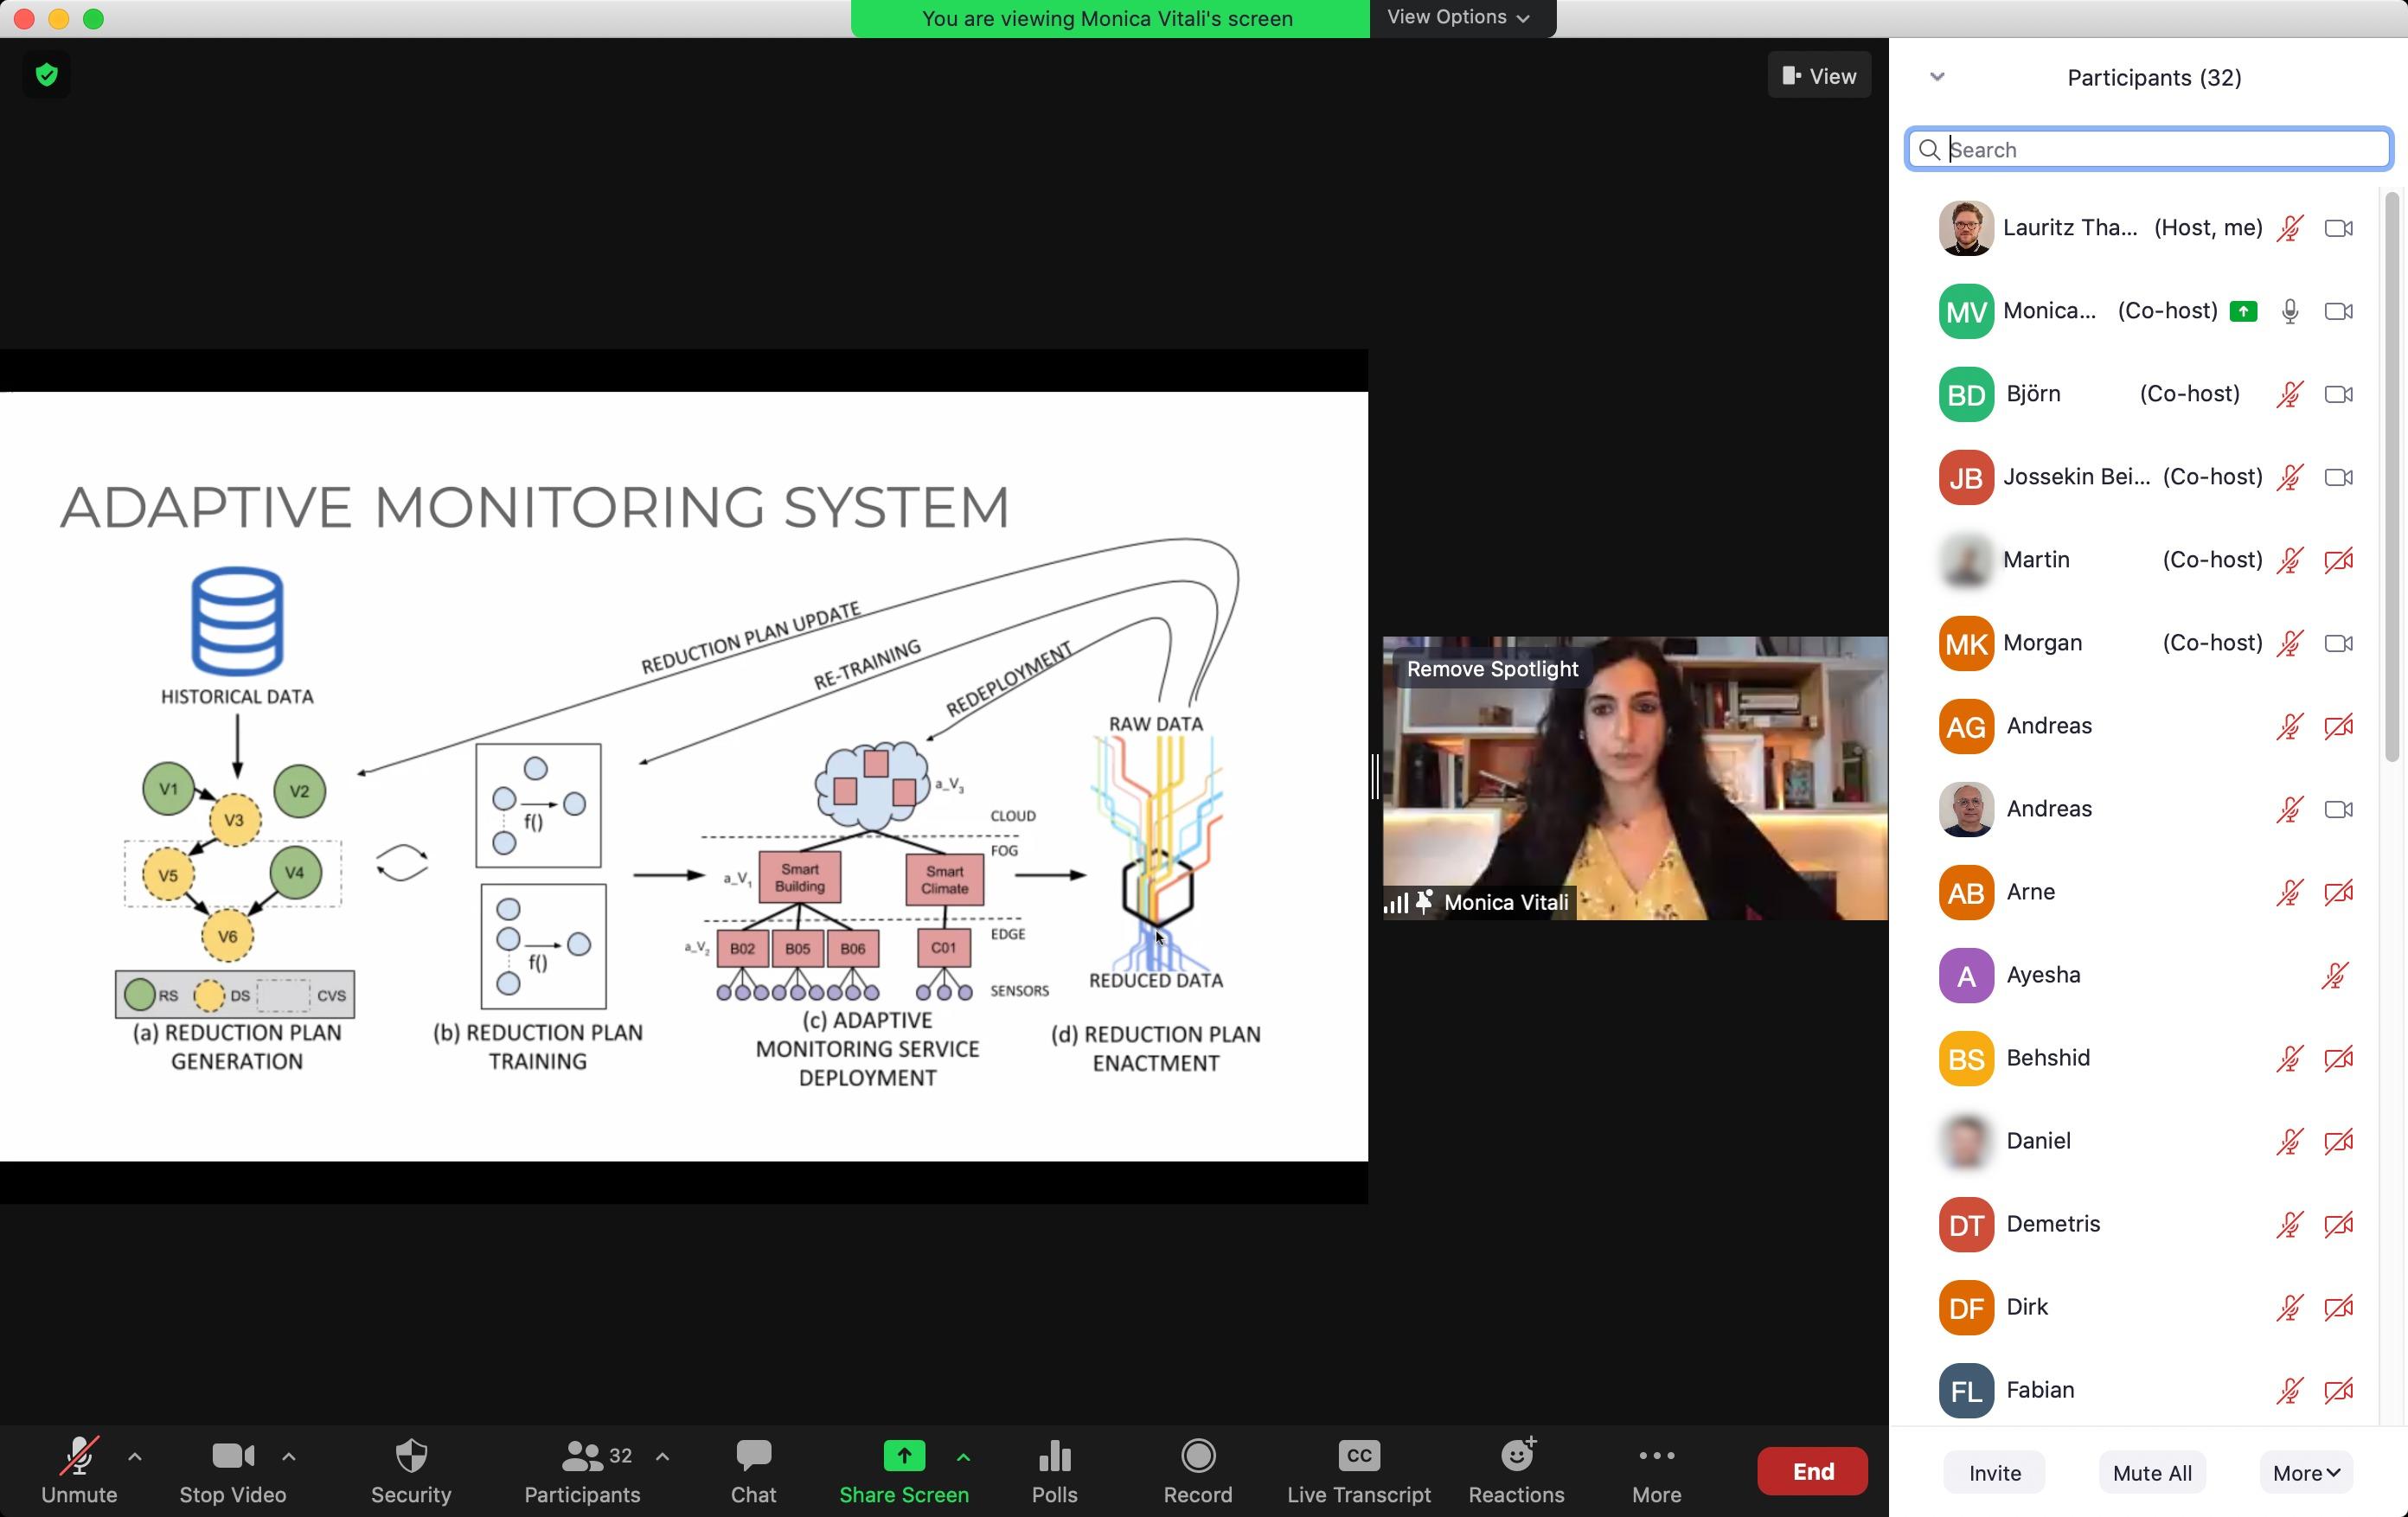 screenshot of TDIS workshop video conference